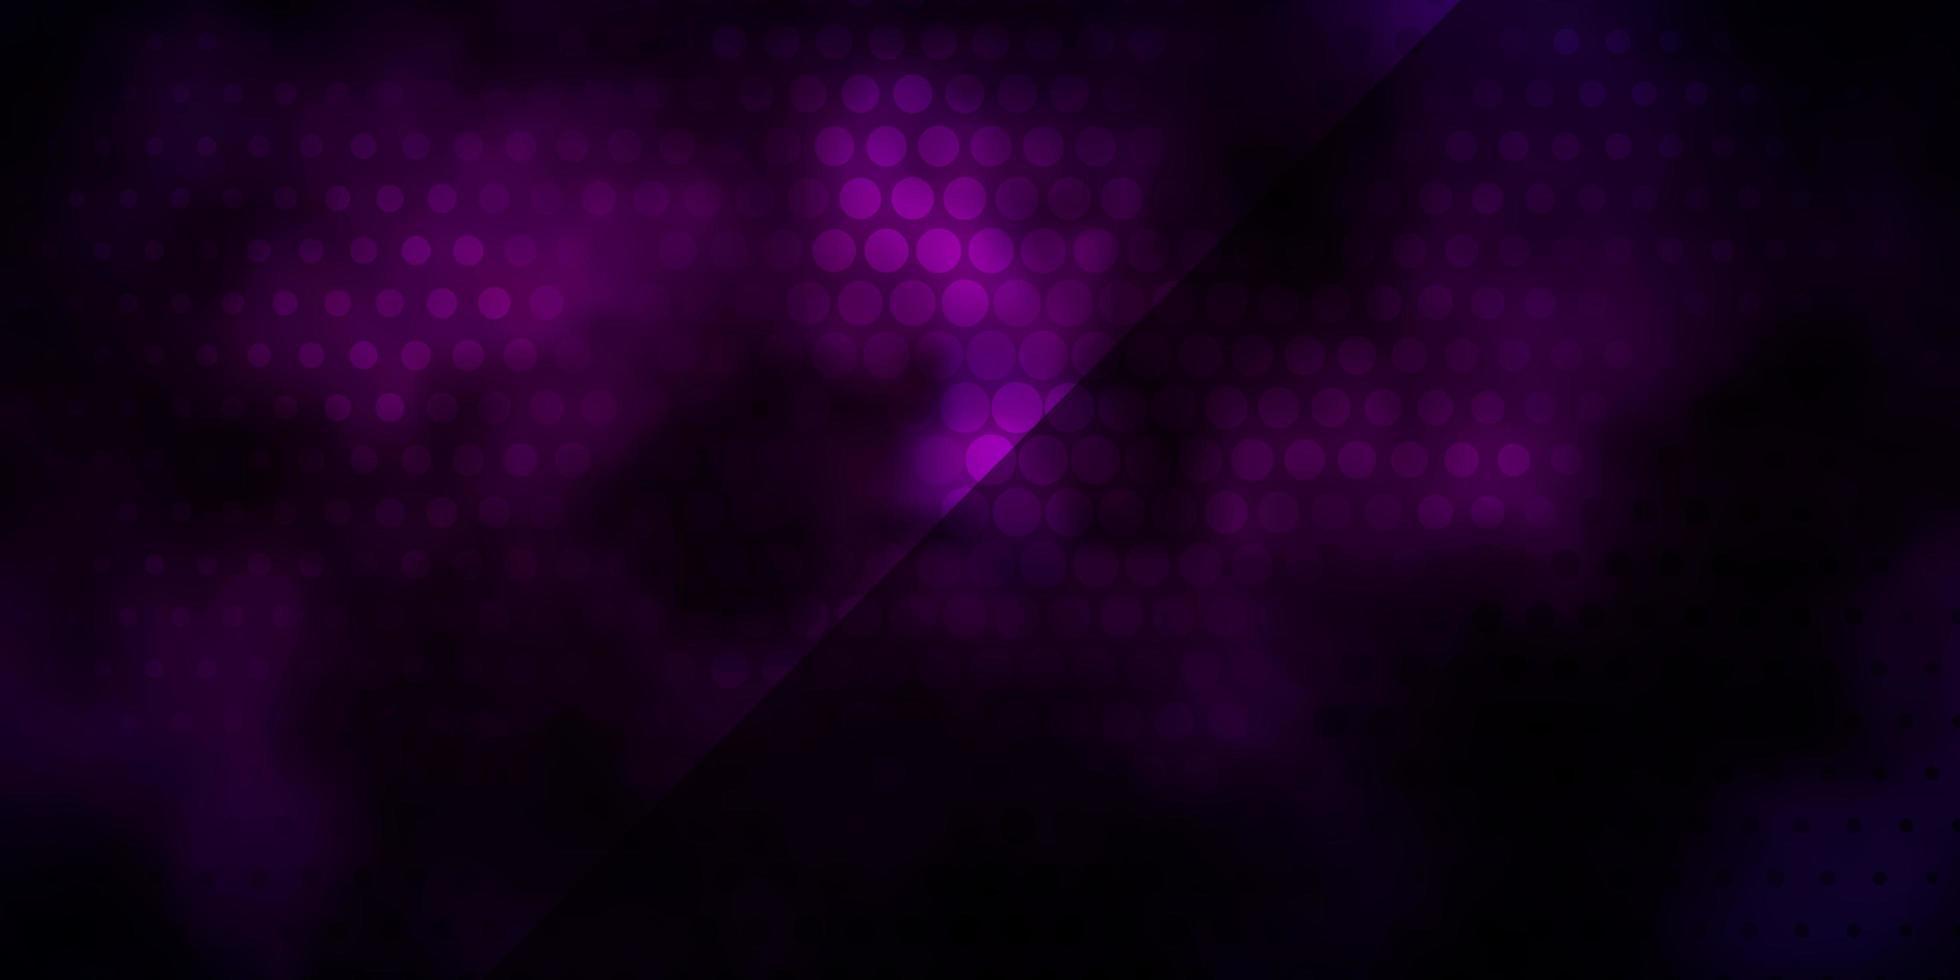 mörkrosa, blå vektorstruktur med cirklar. vektor